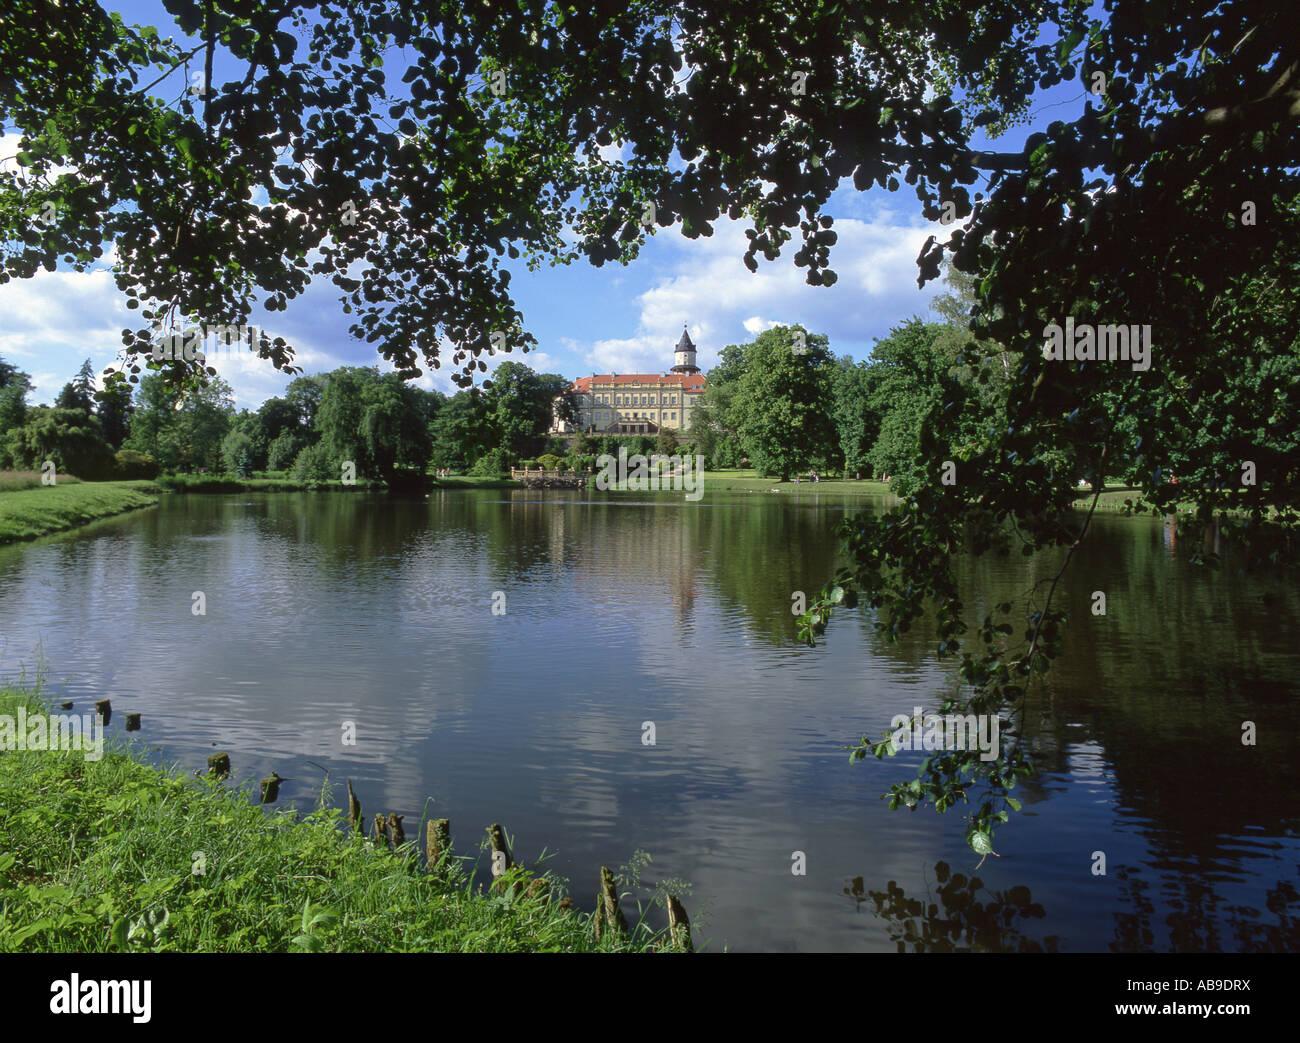 Wiesenburg Castle and pond, Germany, Brandenburg, Flaeming, Wiesenburg - Stock Image